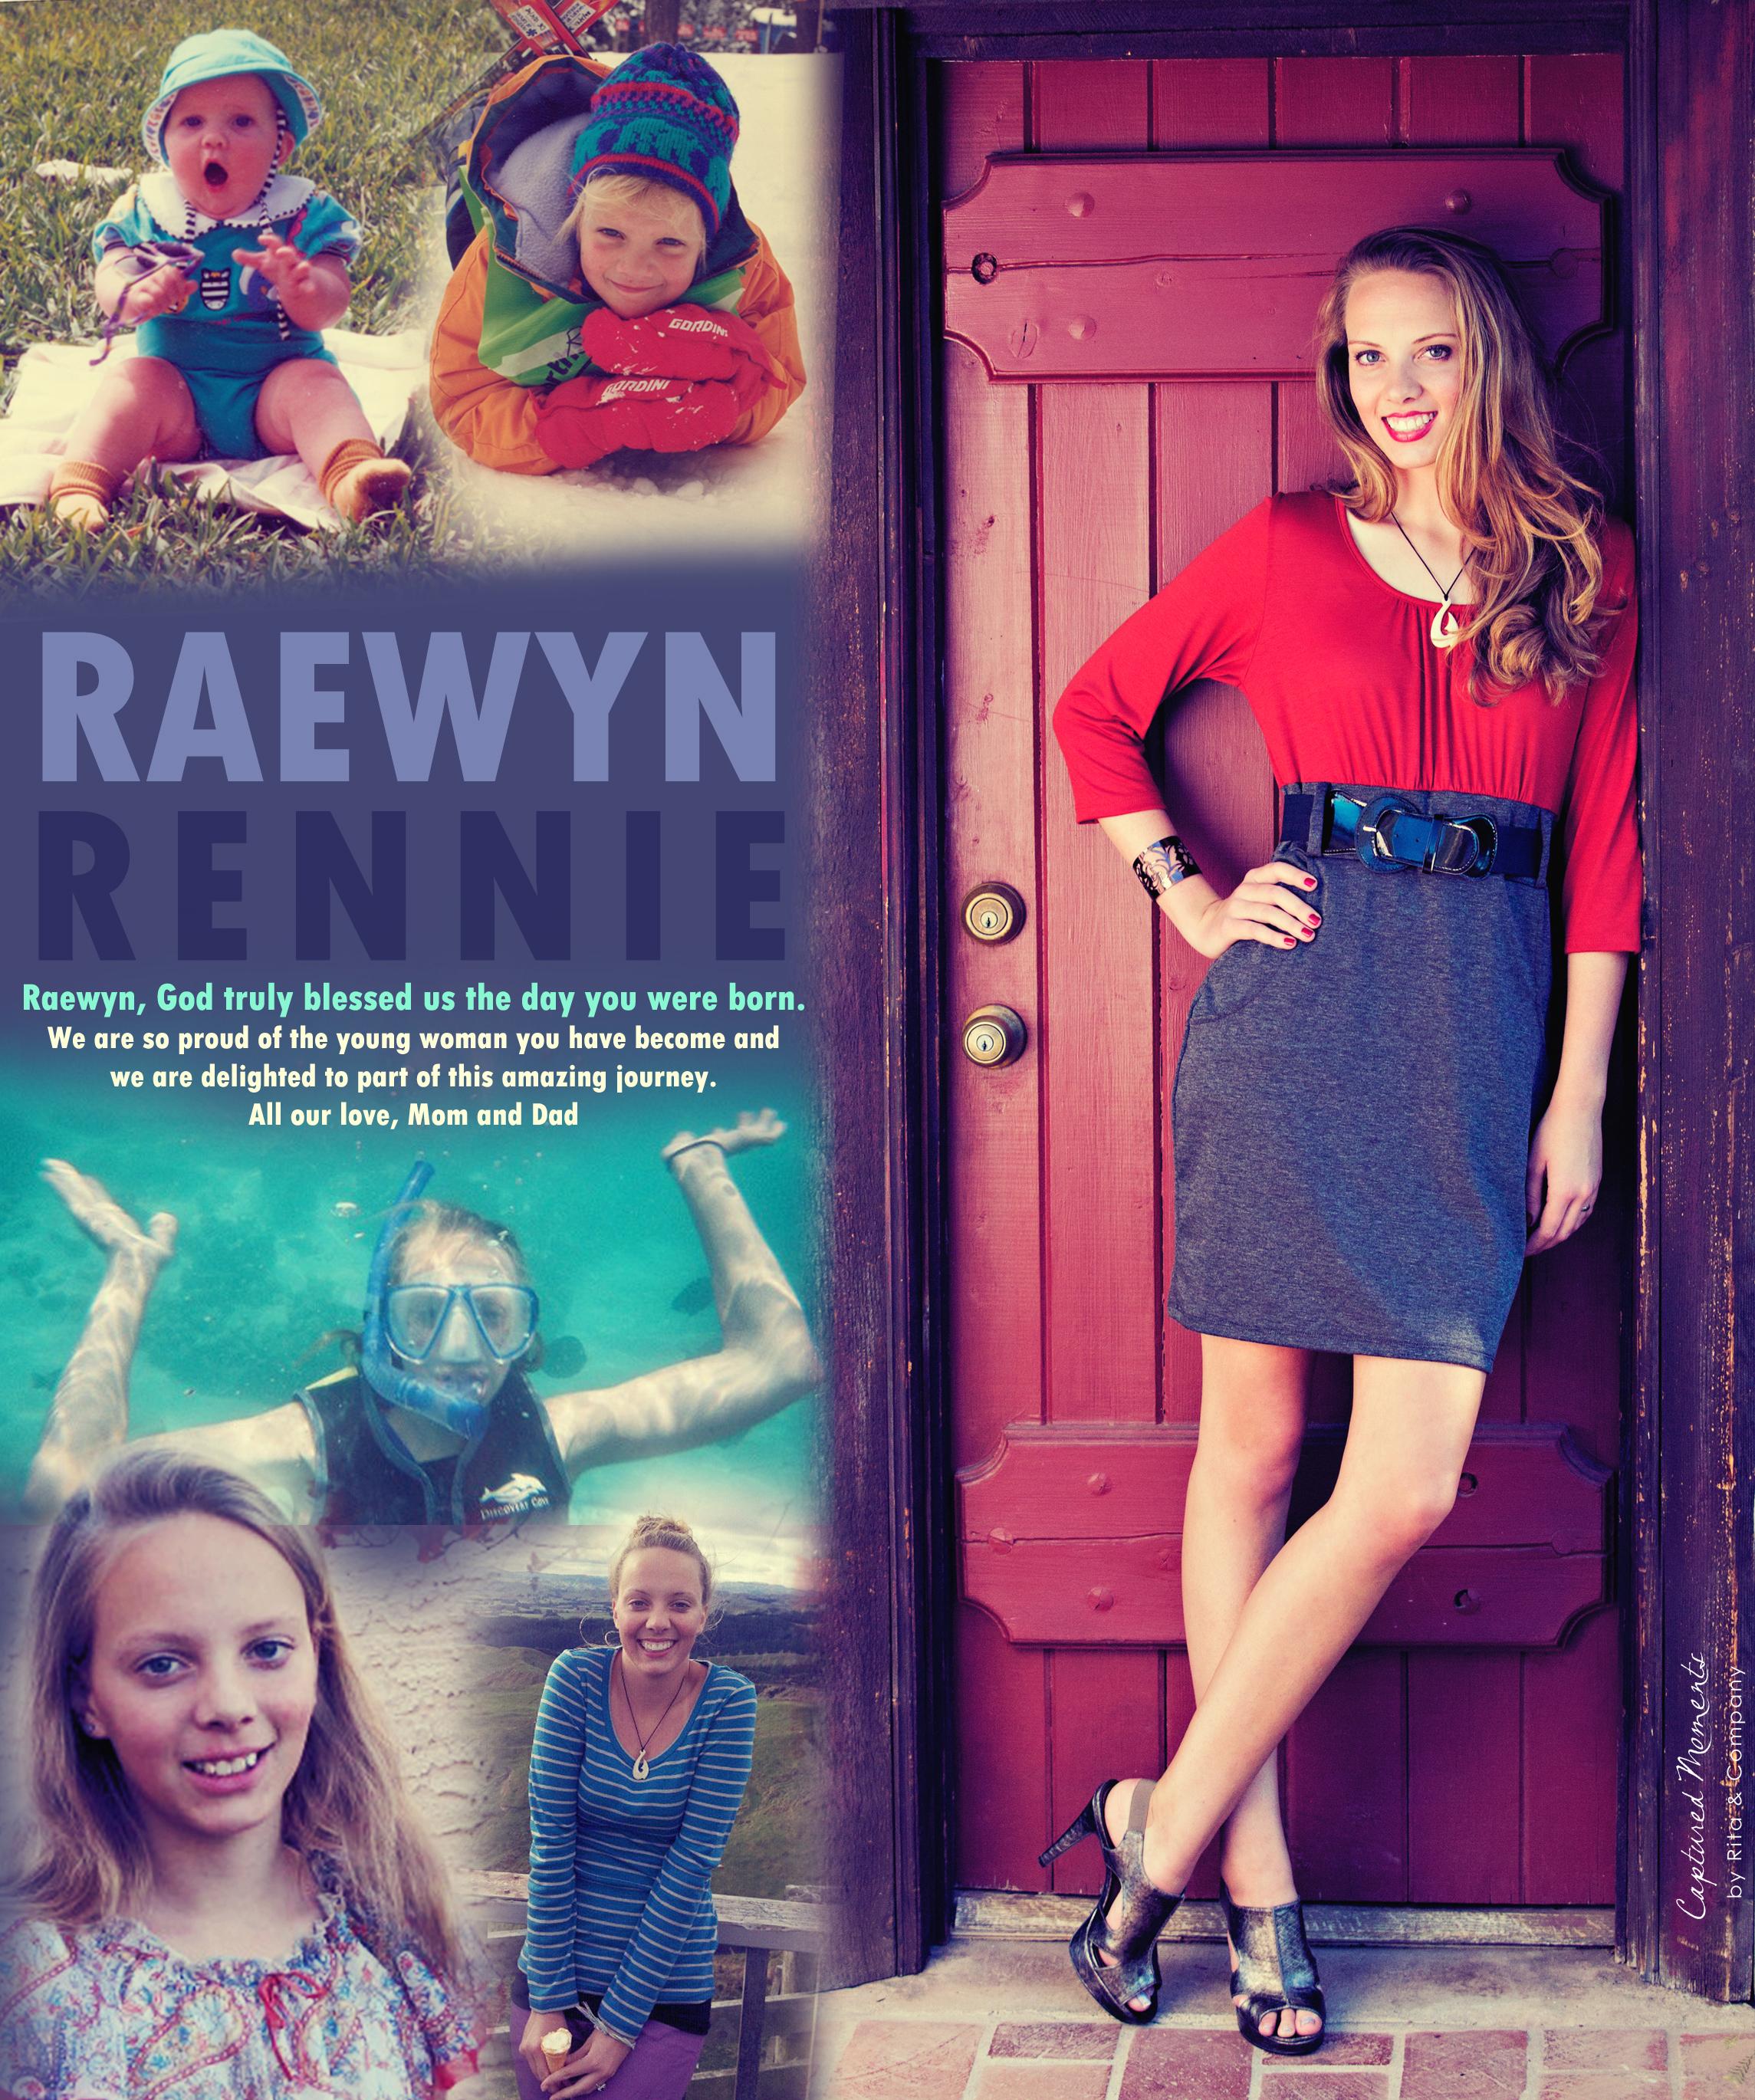 Raewyn Rennie